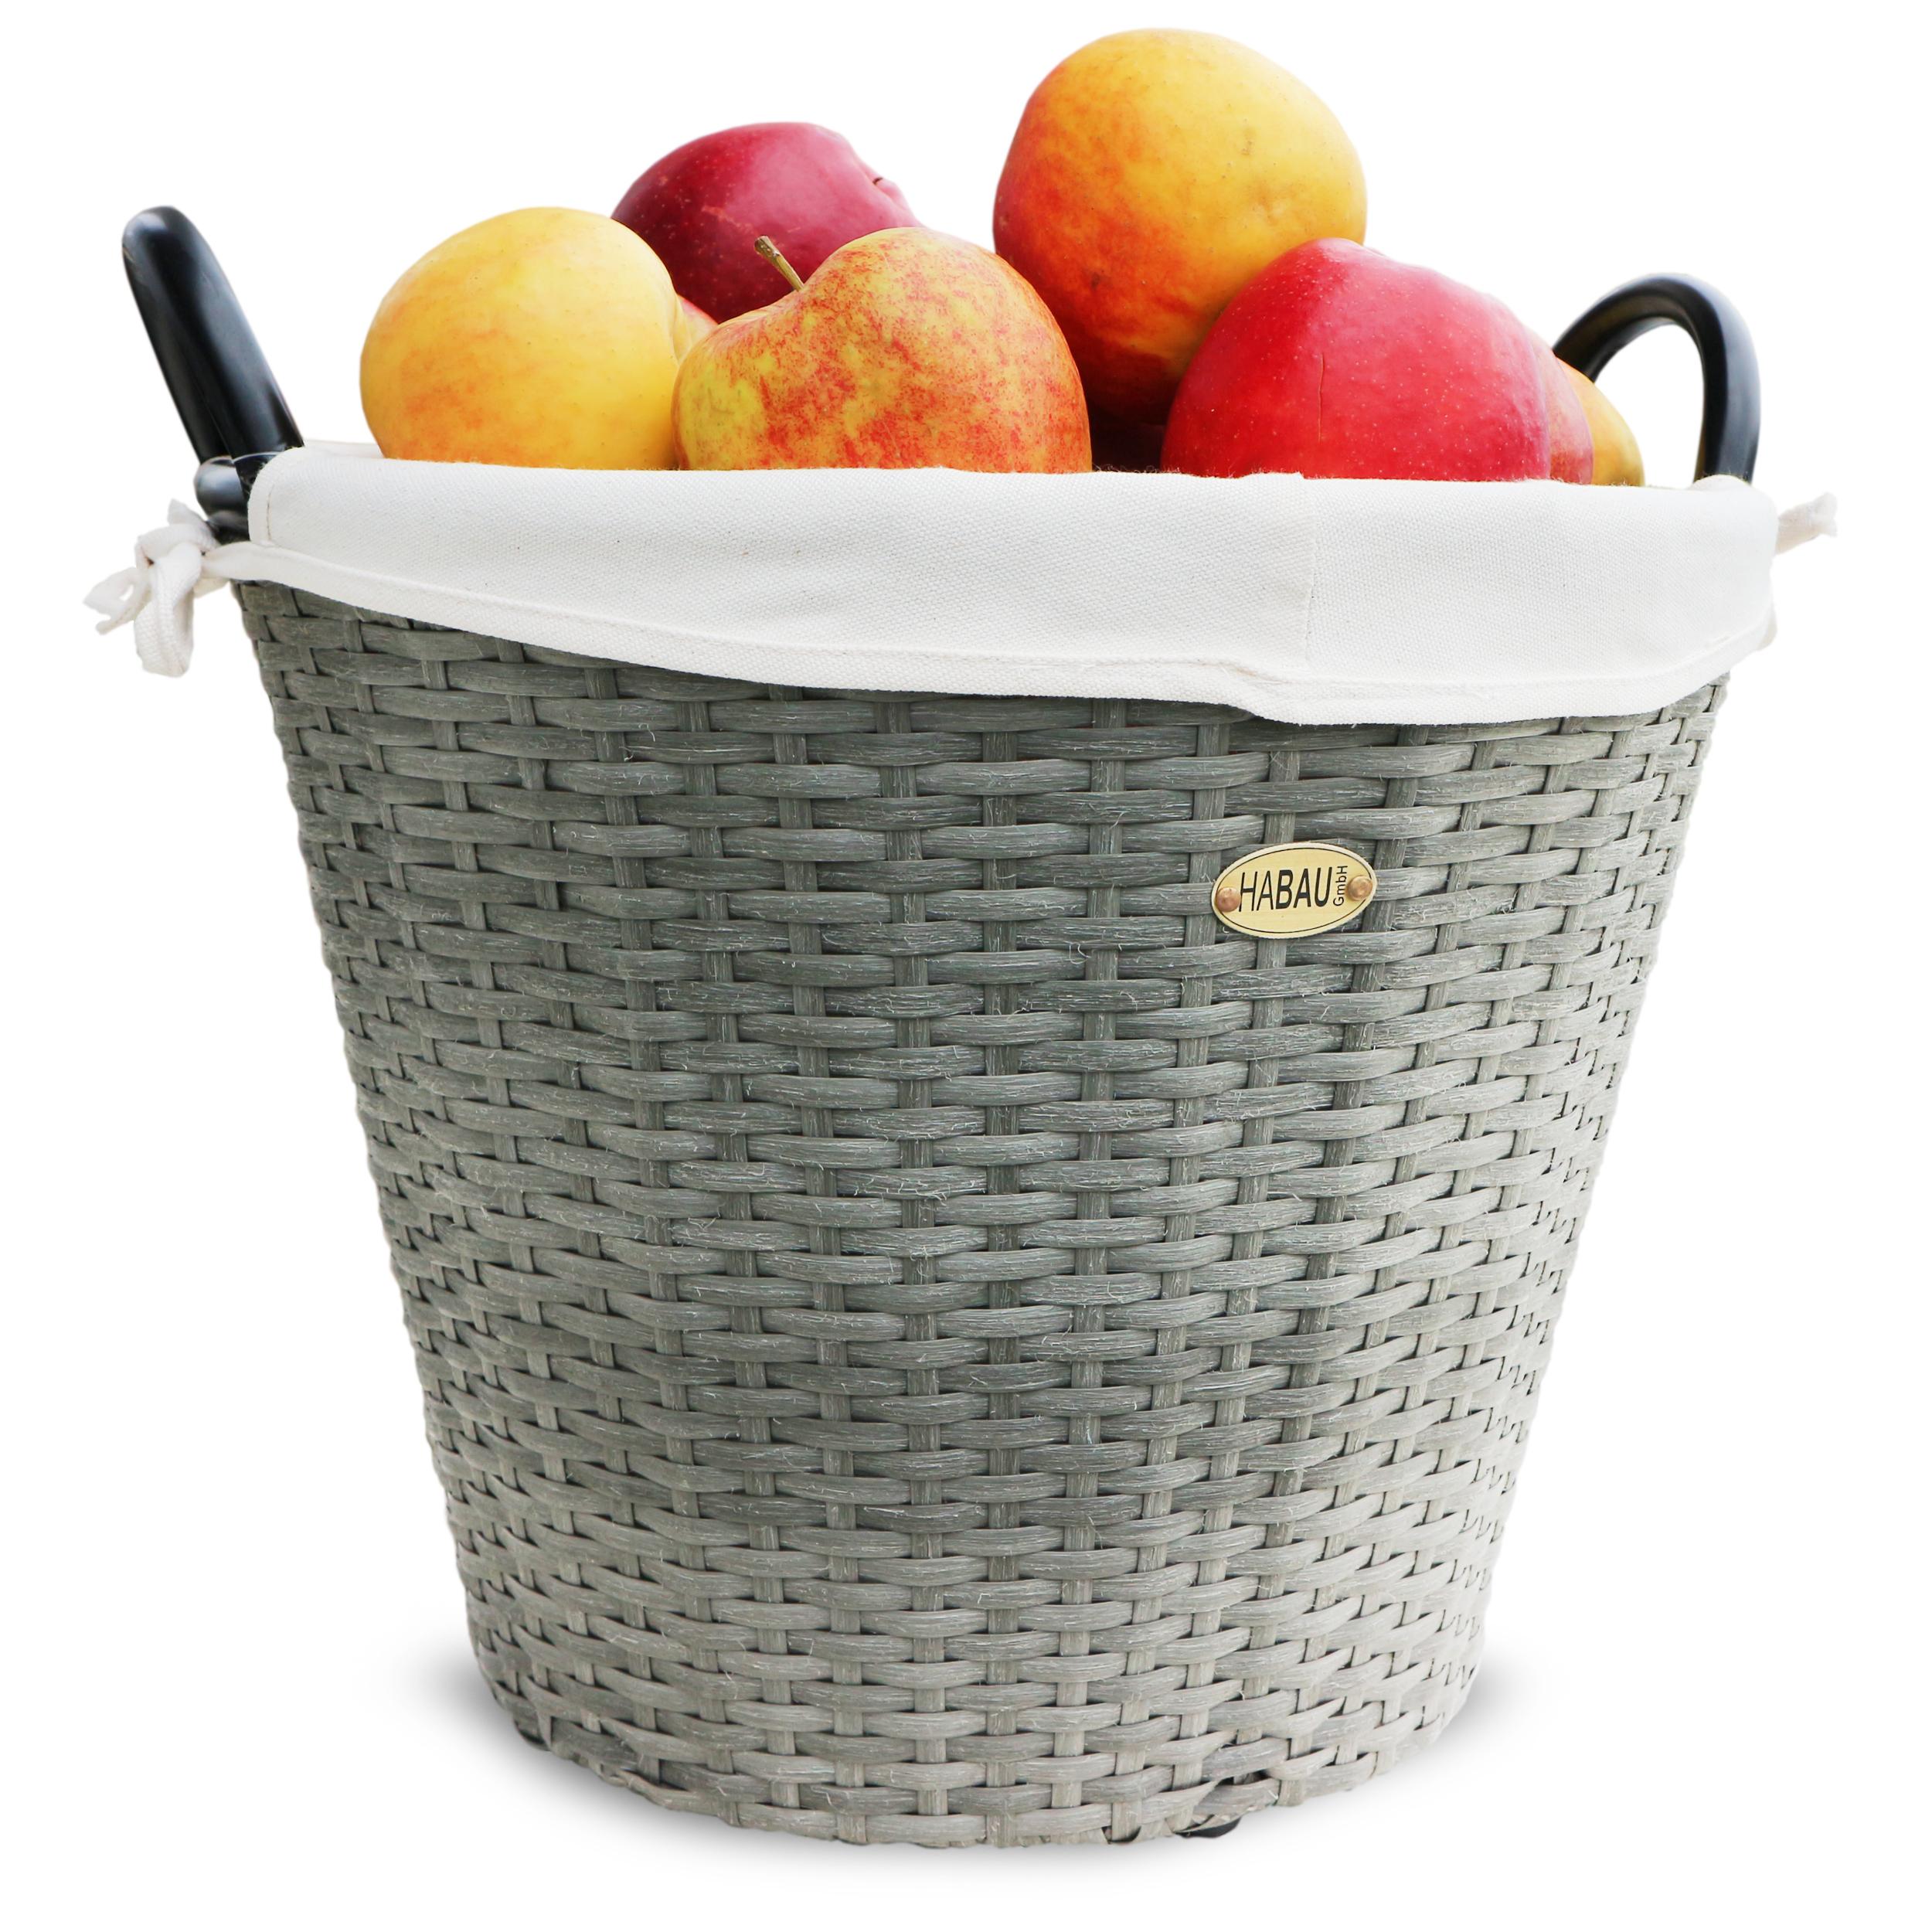 HABAU Obstkorb aus Polyethylen, grau, 54 cm - 2724